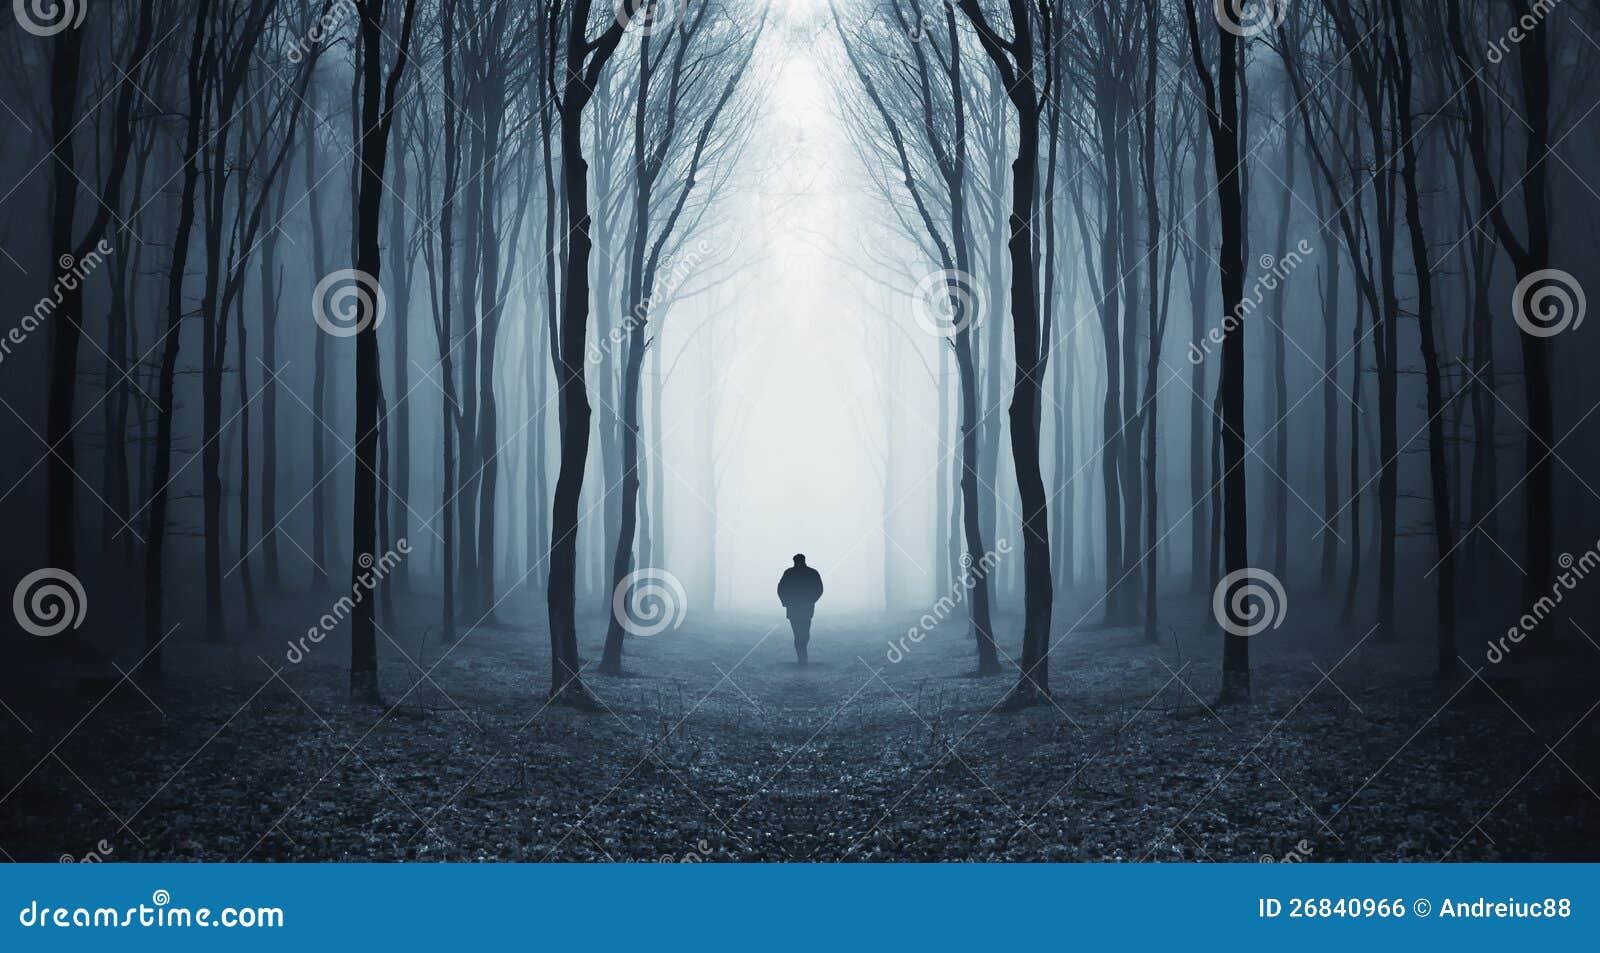 Man walking in a fairytalke dark forest with fog